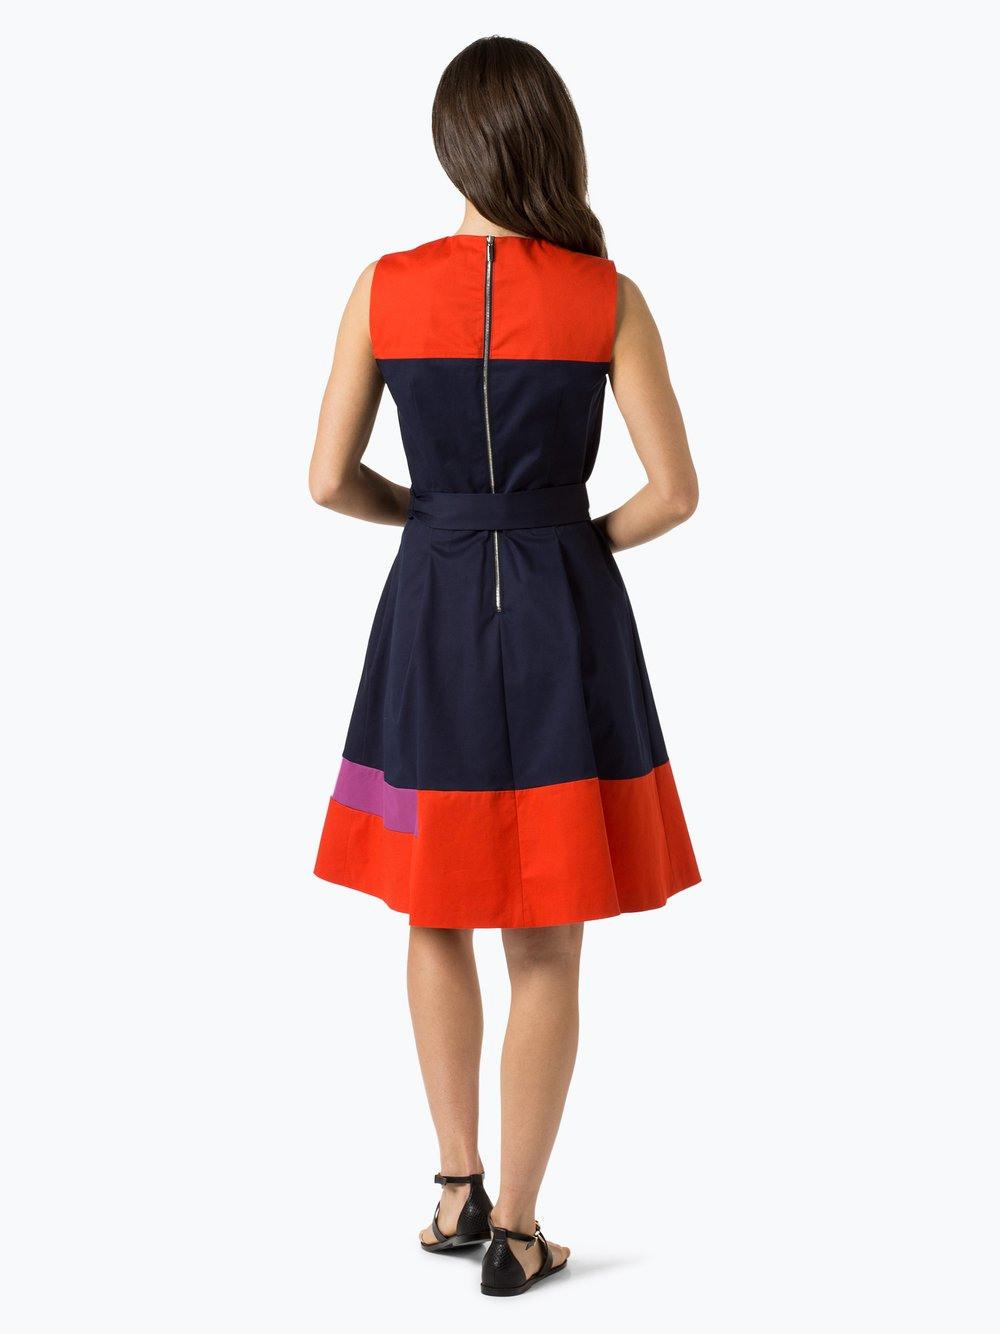 17 Luxus Boss Abendkleid GalerieDesigner Spektakulär Boss Abendkleid Vertrieb